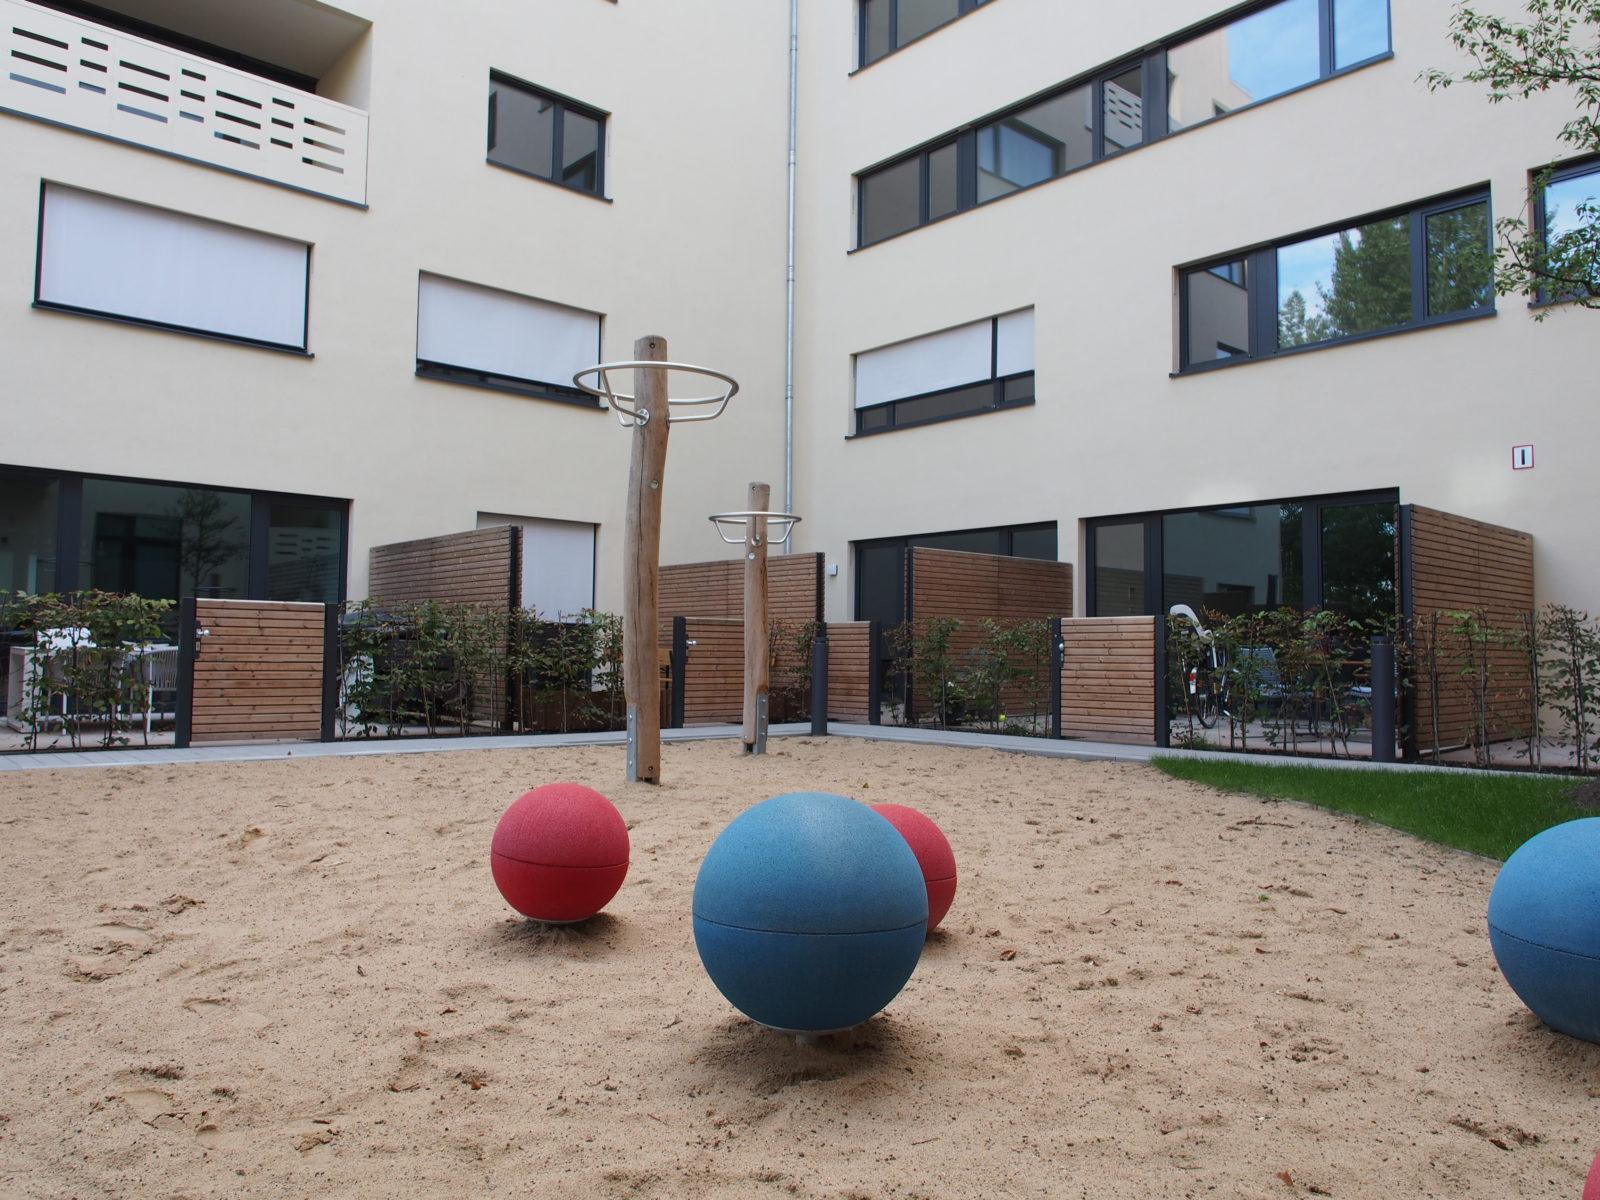 STrauma Landschaftsarchitektur Berlin landscape architects Enckestraße Berlin Spielplatz Privatgarten Vorplatz